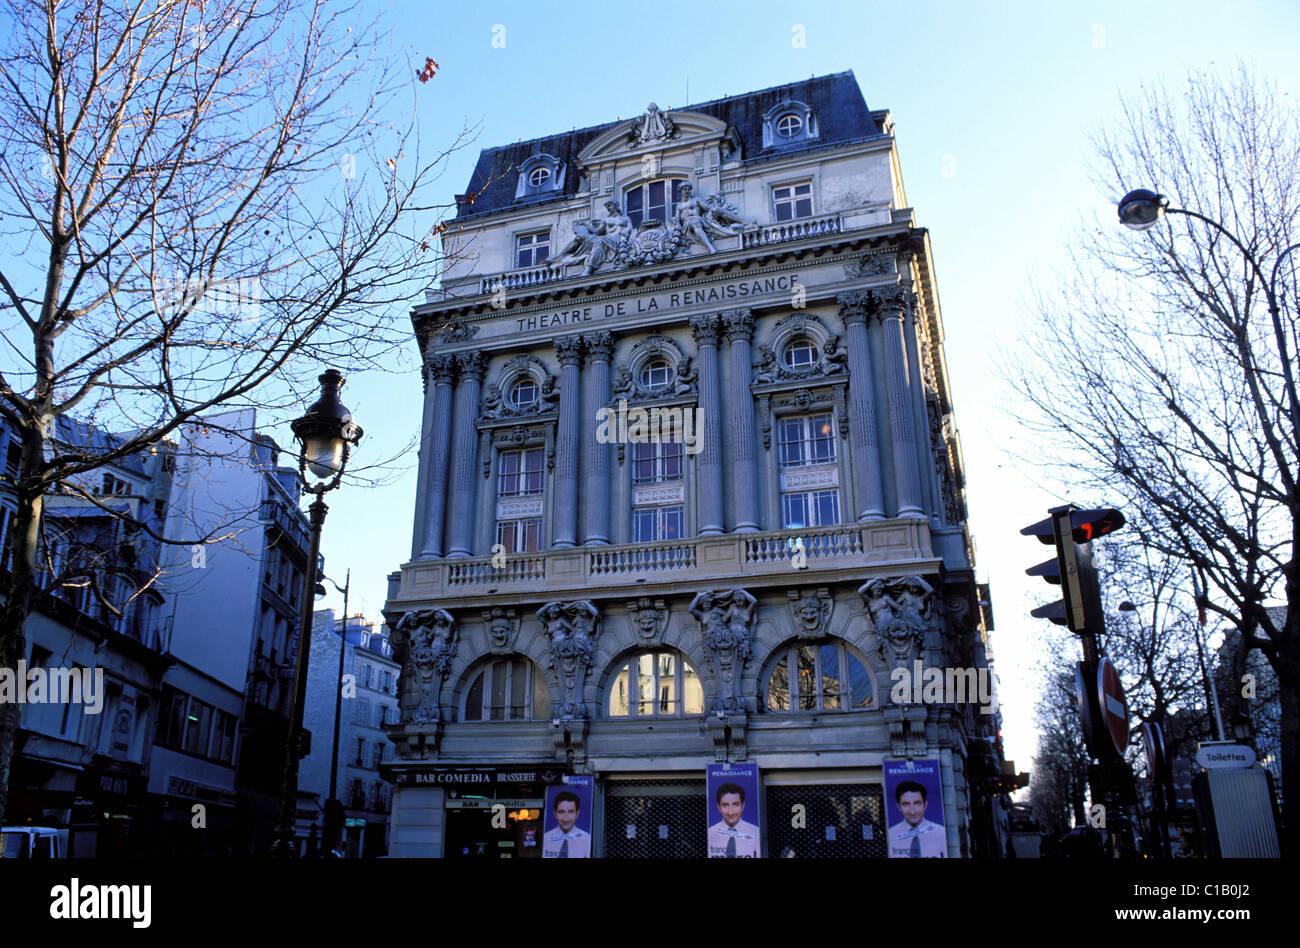 Theatre De Paris Stock Photos & Theatre De Paris Stock Images - Alamy